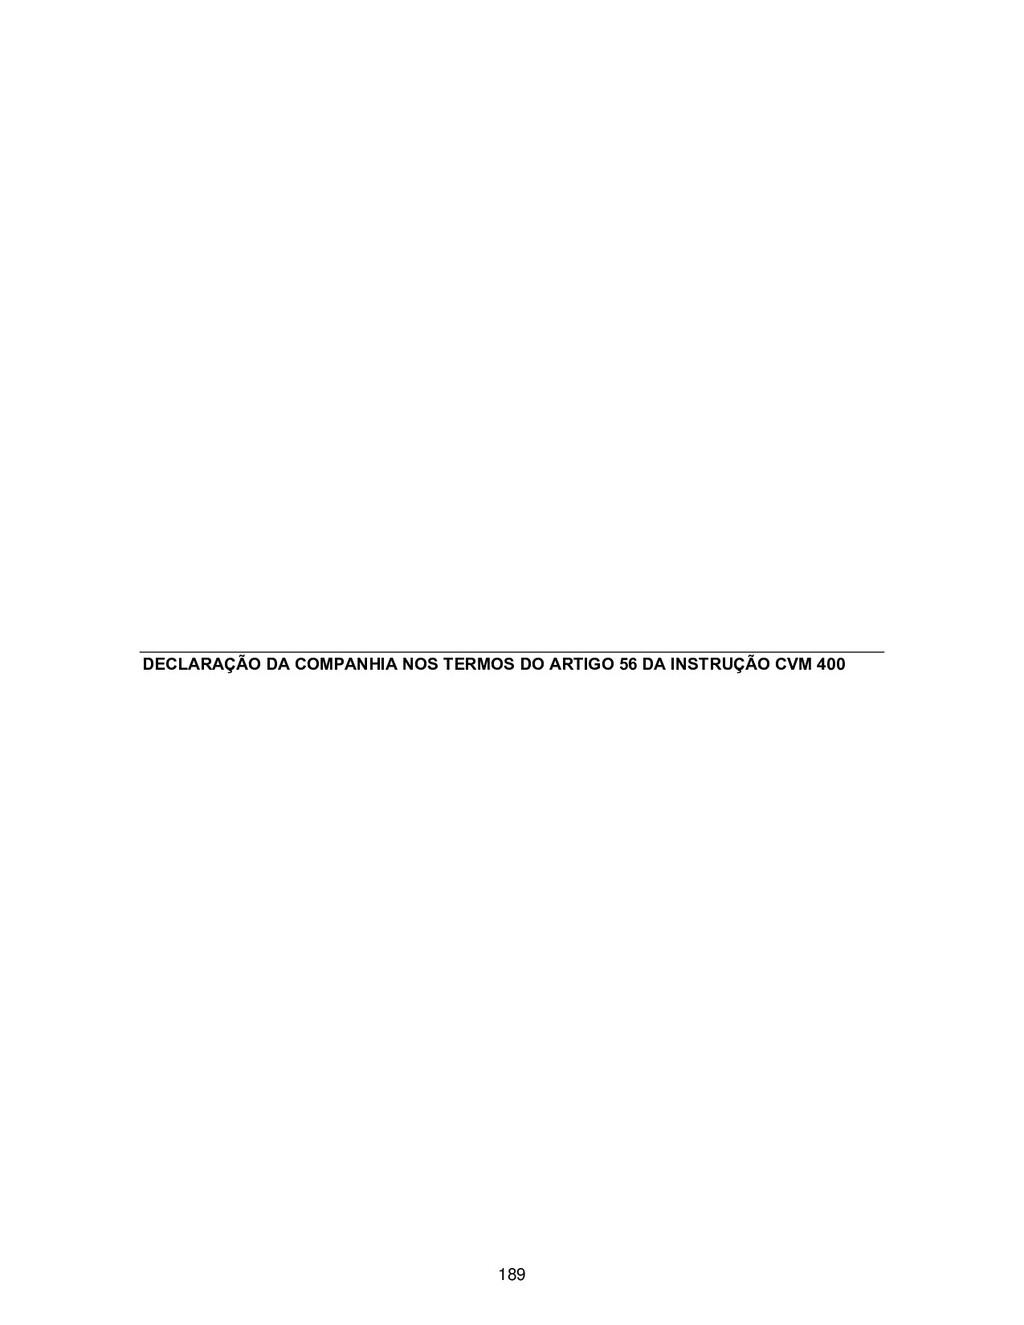 DECLARAÇÃO DA COMPANHIA NOS TERMOS DO ARTIGO 56...